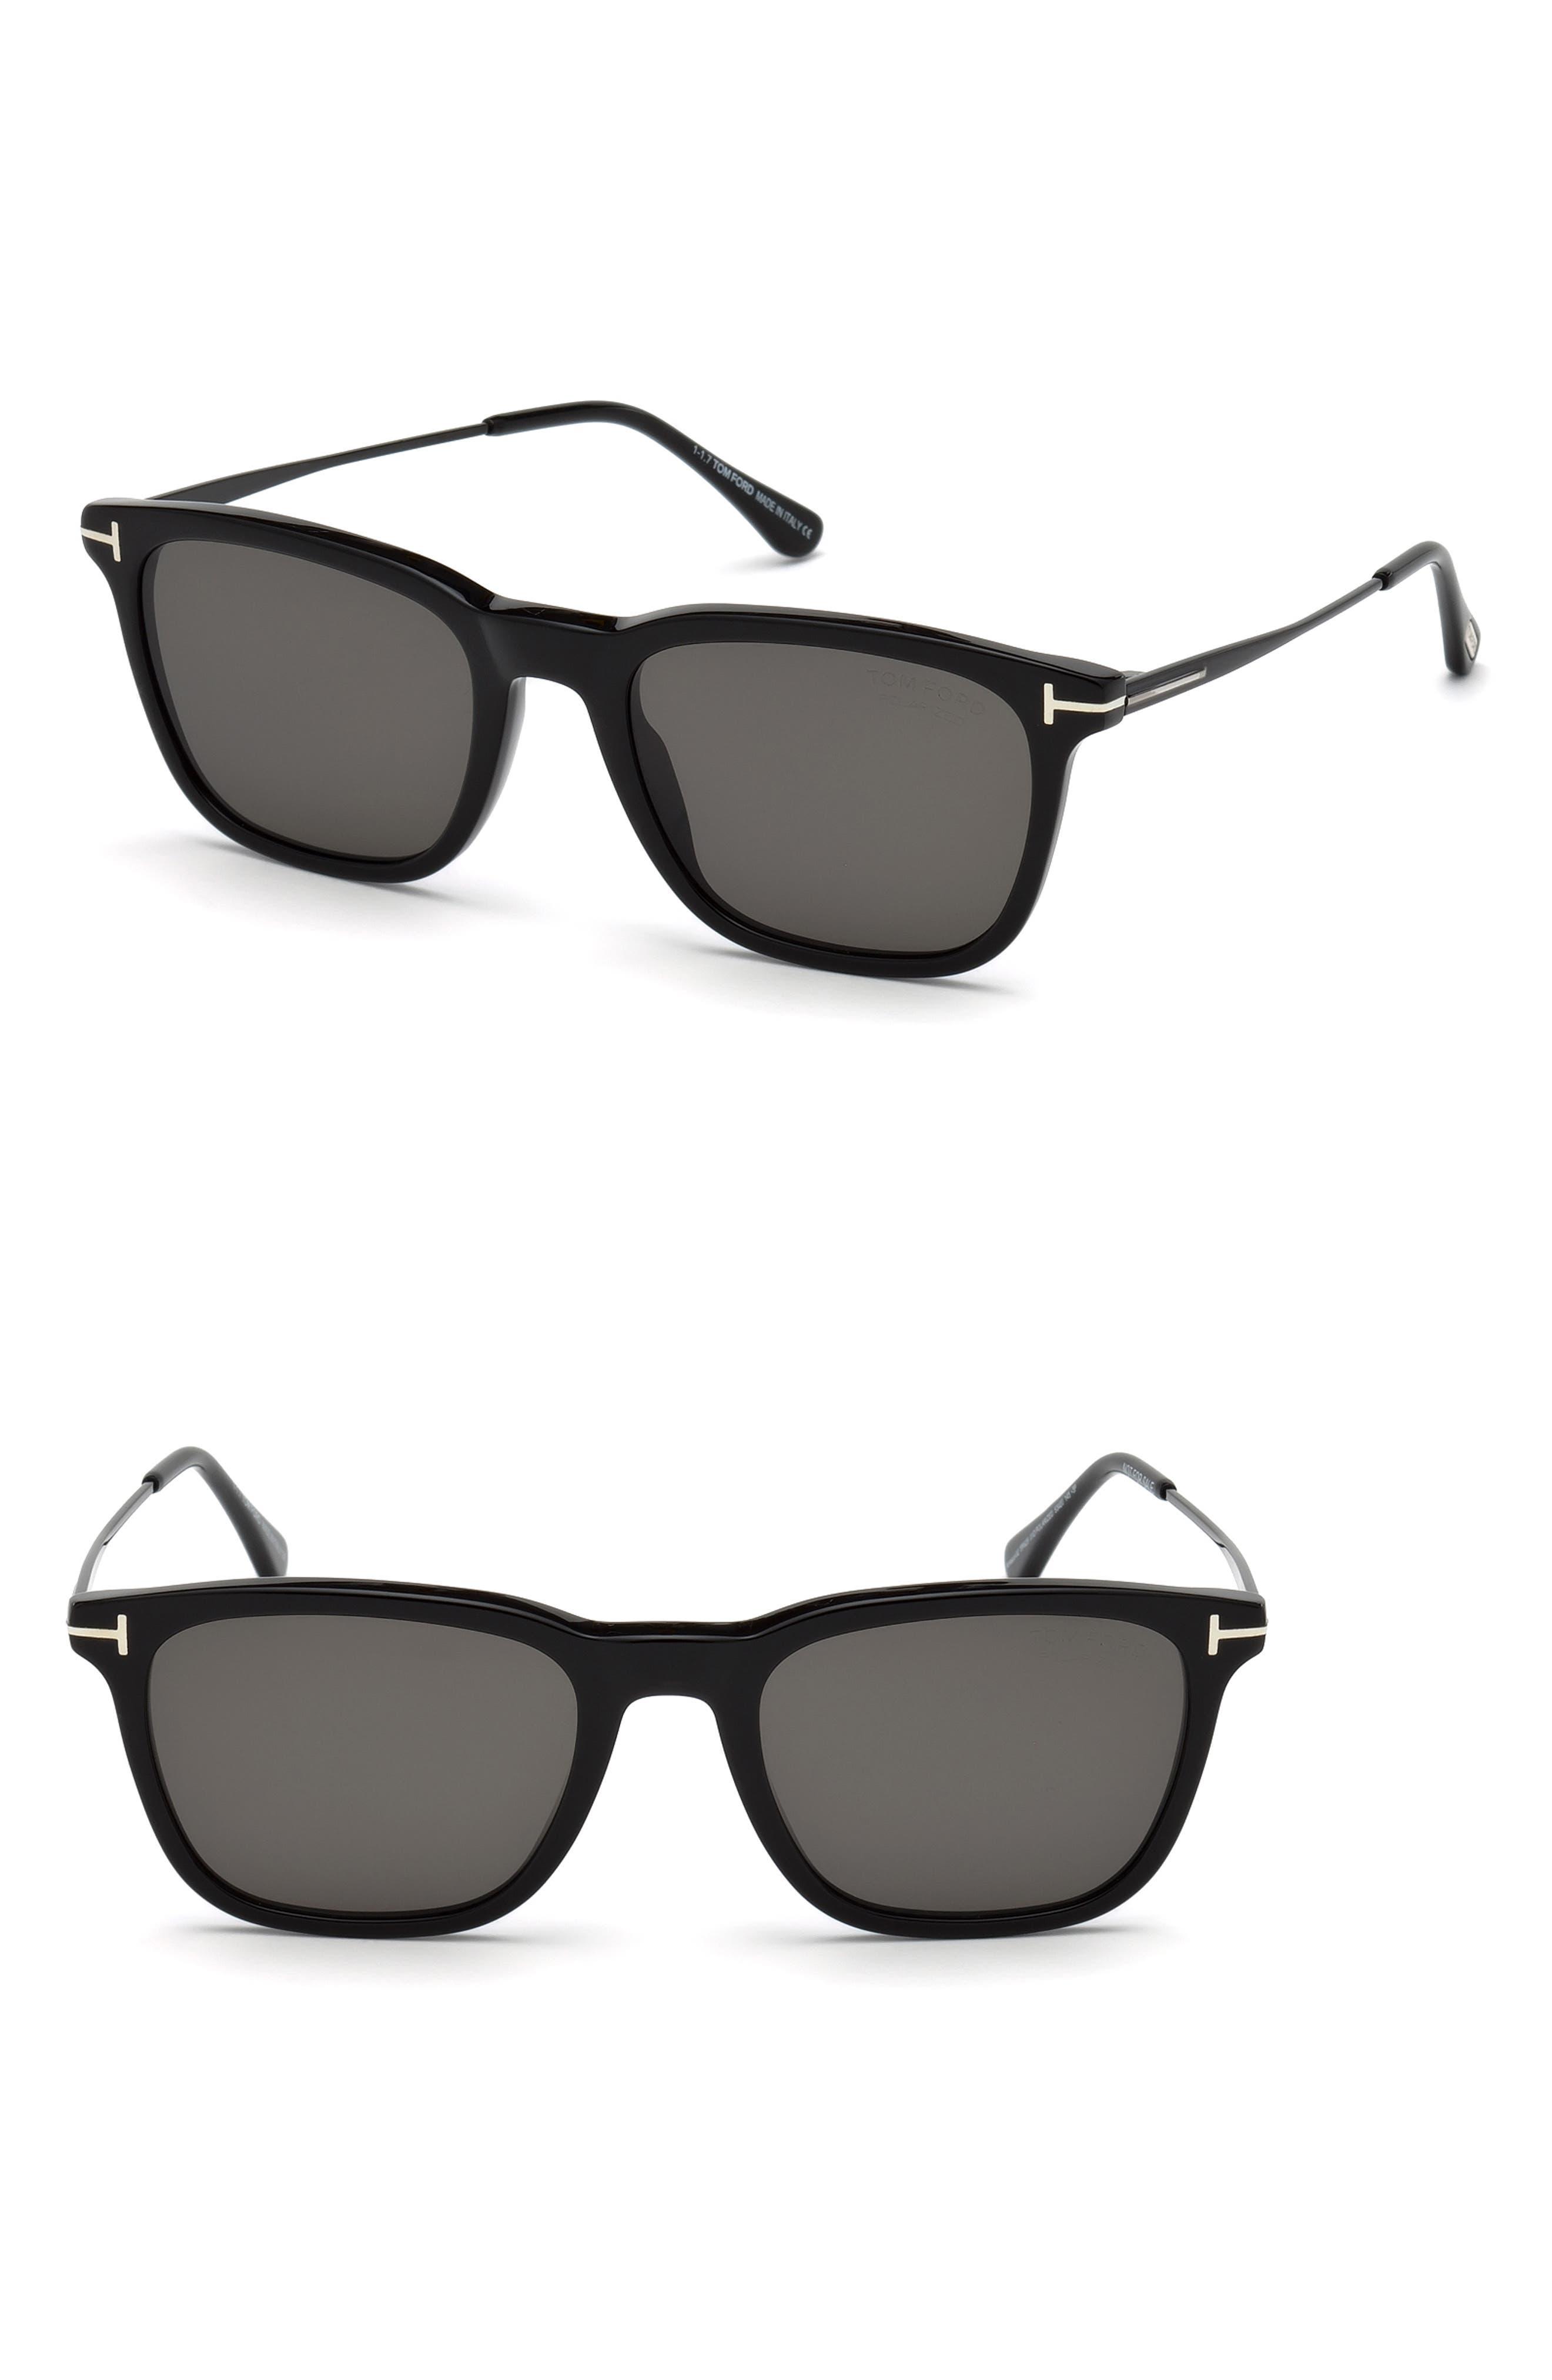 cd5d49b3263 Men s Tom Ford Sunglasses   Eyeglasses